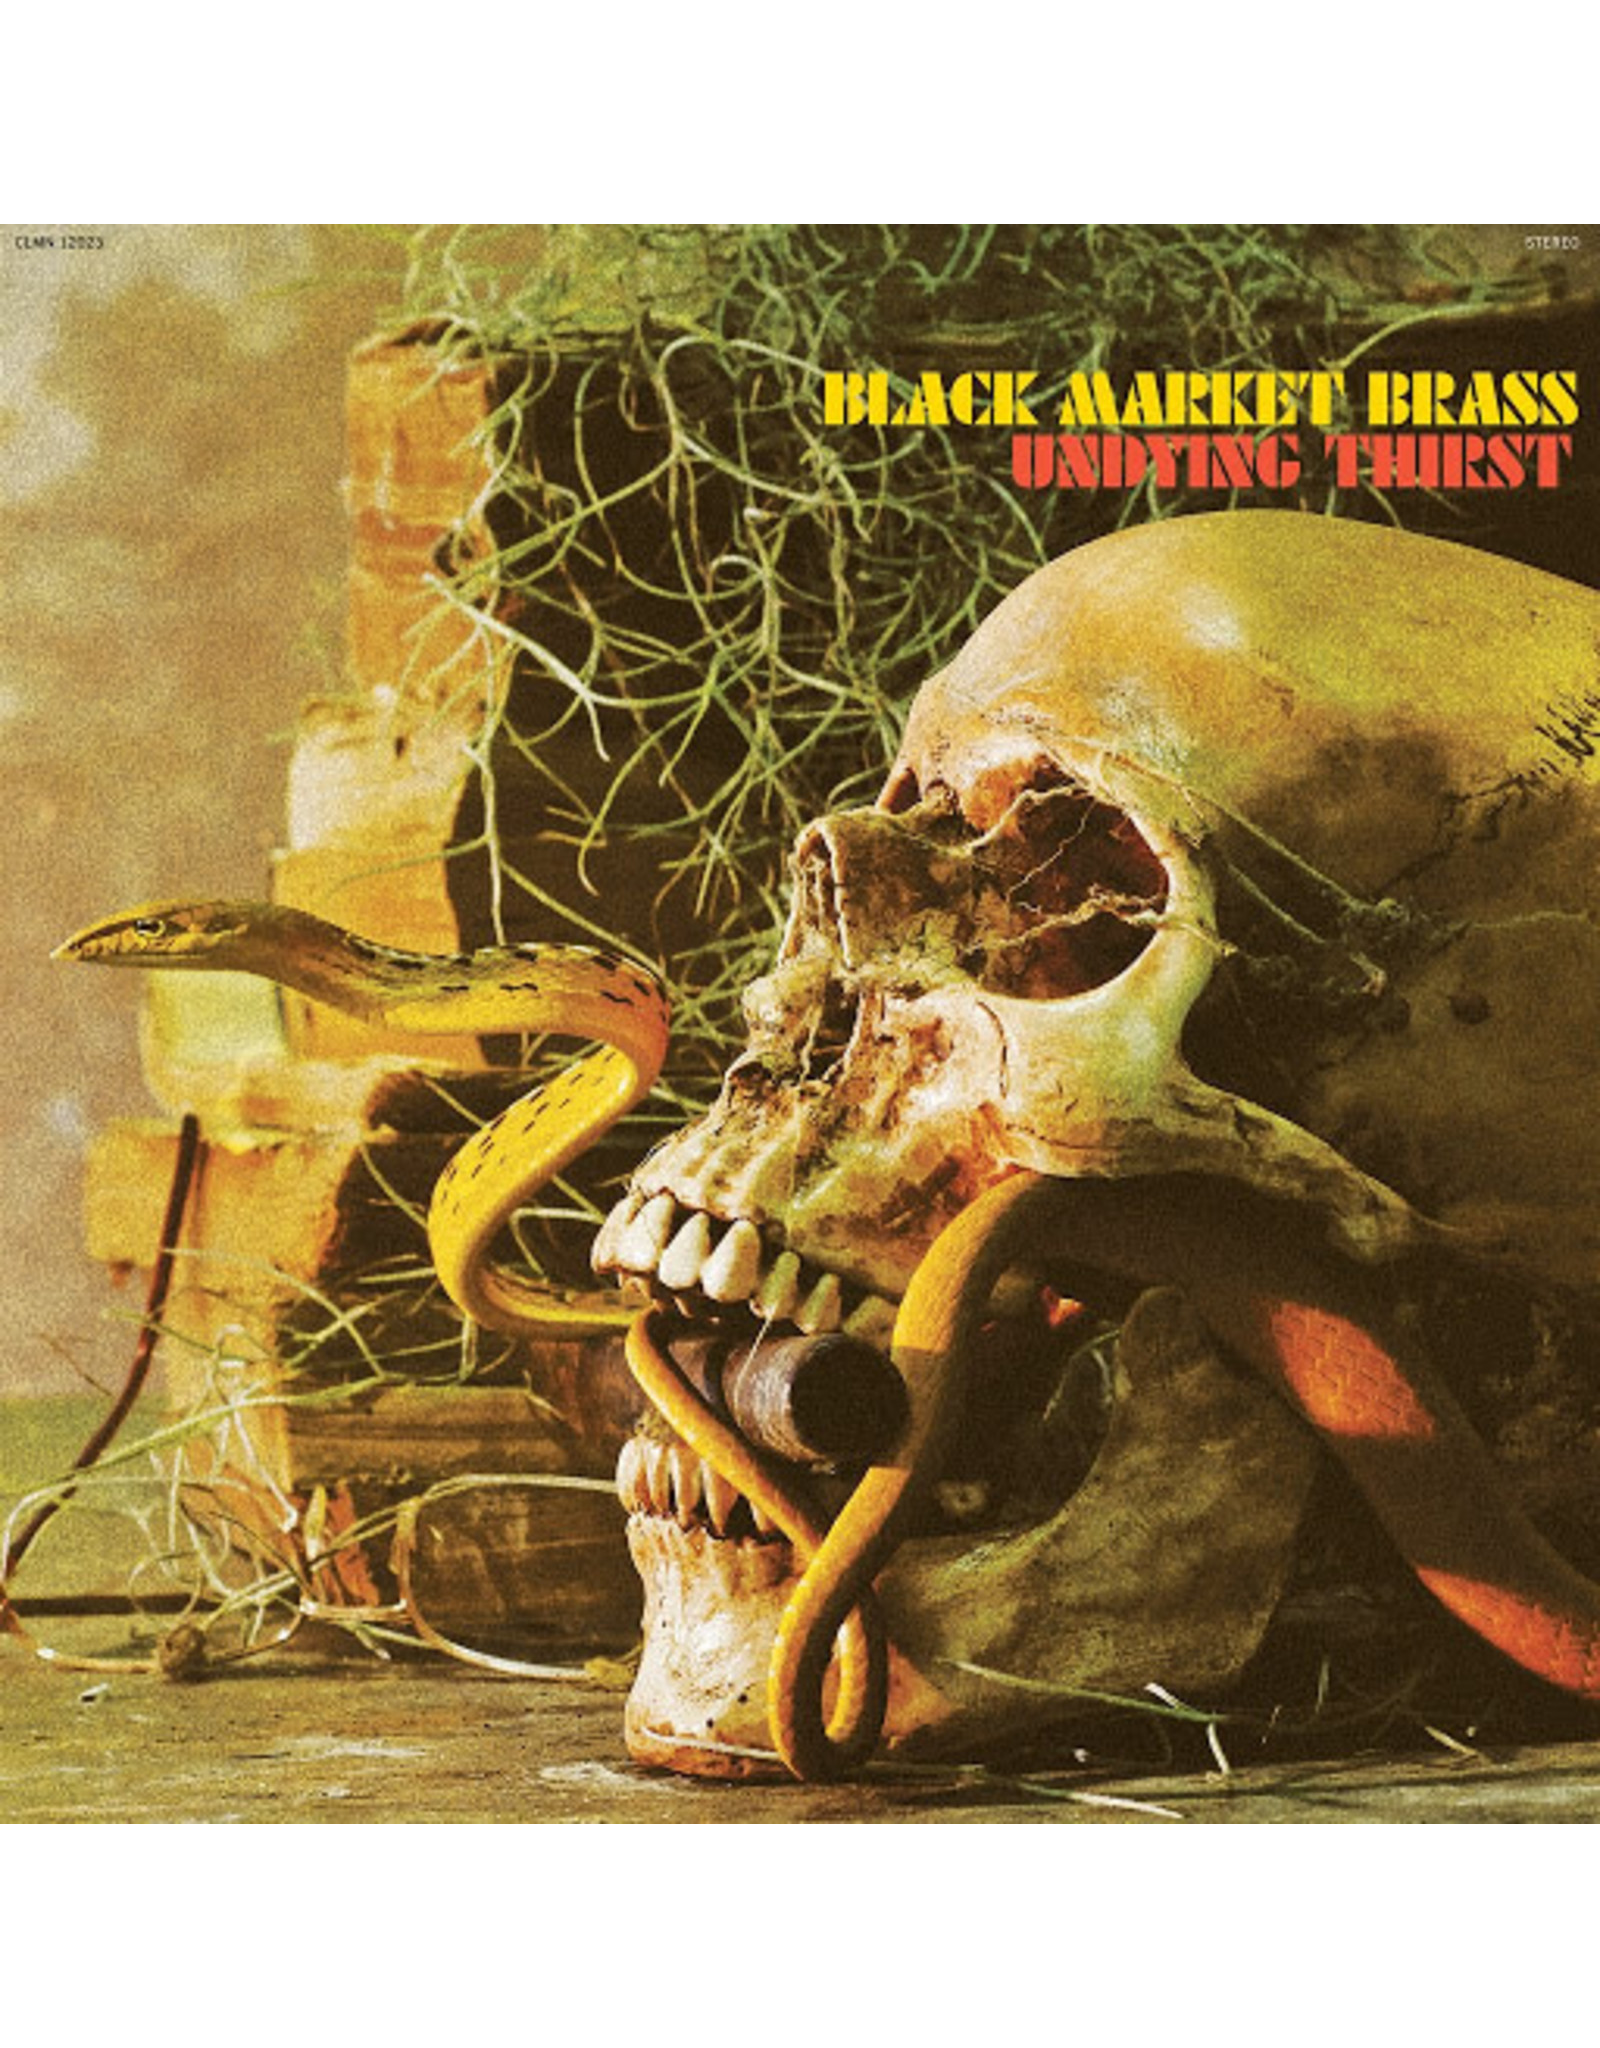 Black Market Brass - Undying Thirst (Exclusive Gold Vinyl)